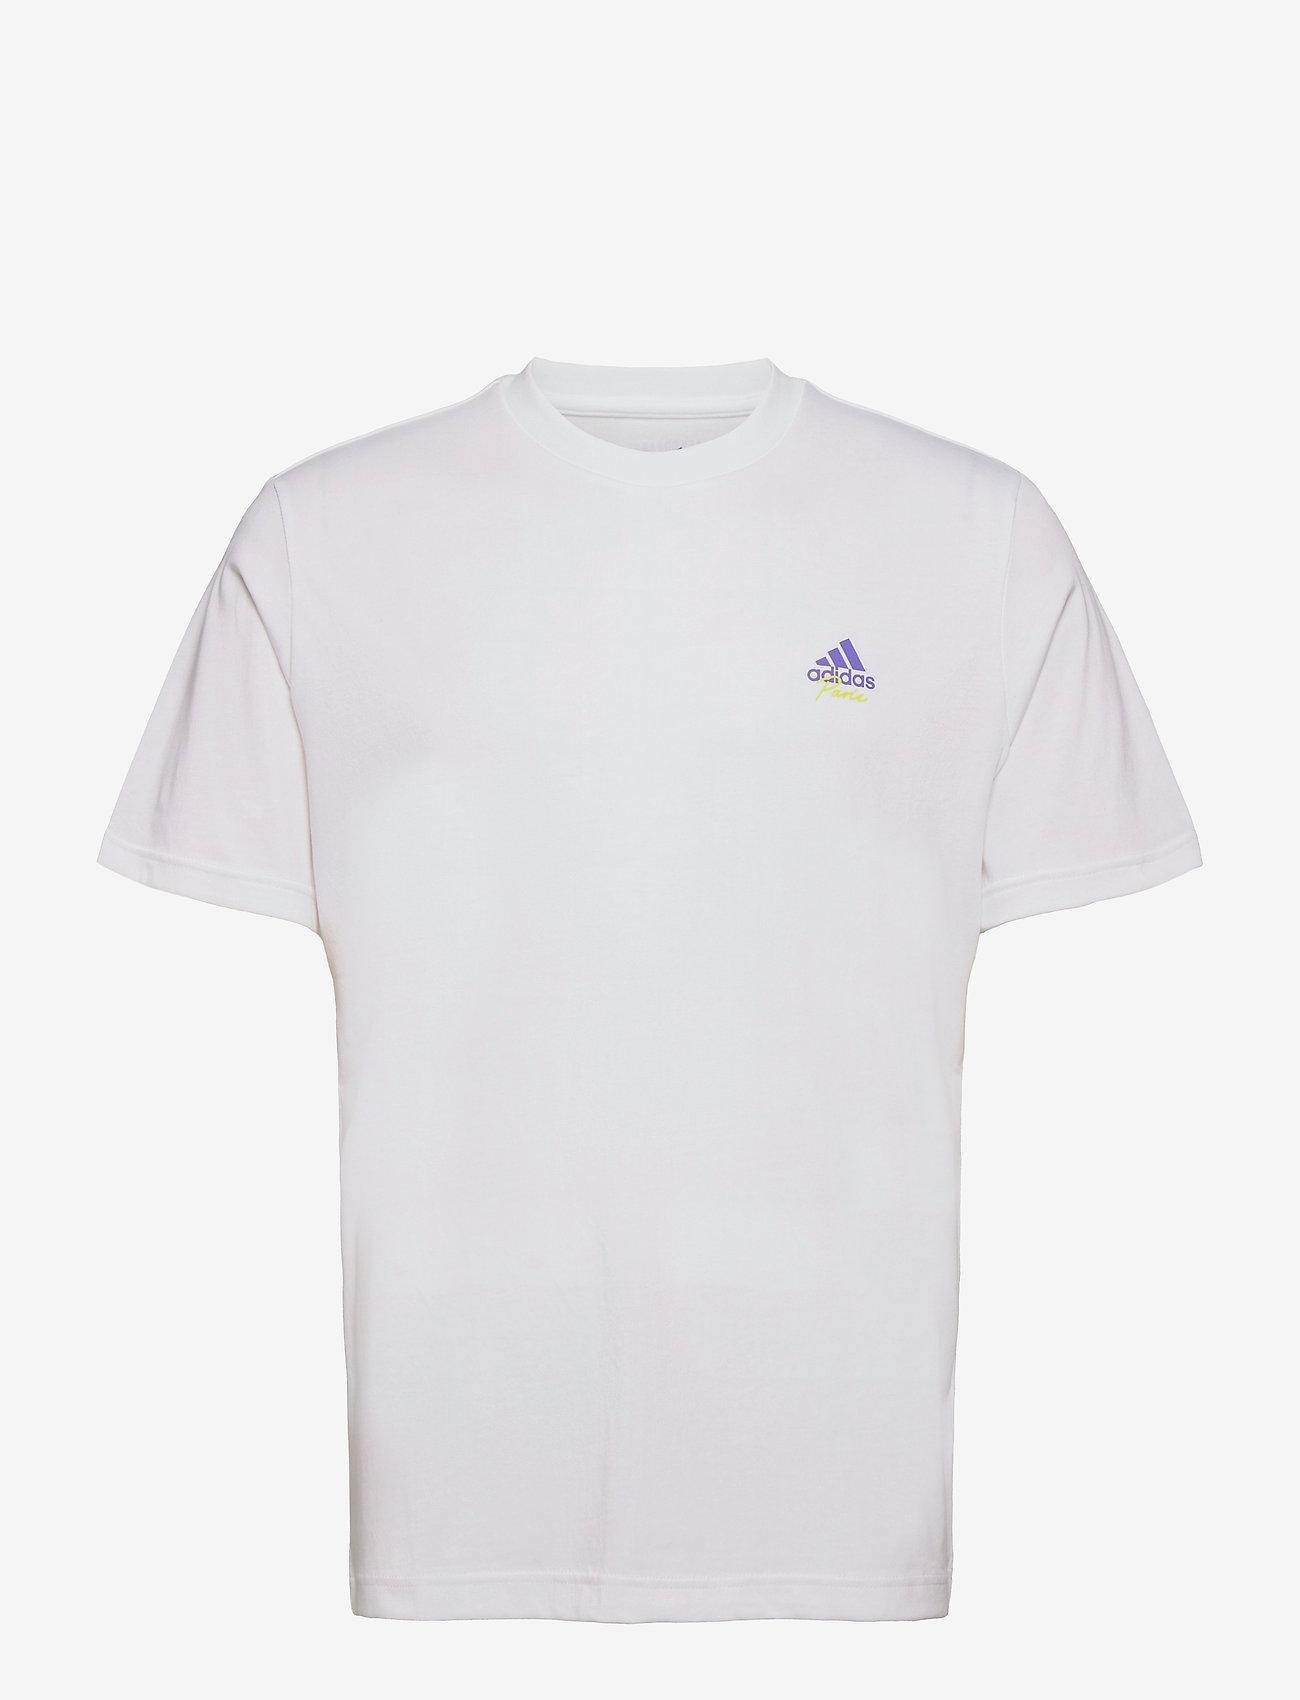 adidas Performance - M SS Q2 TEE RG - t-shirts - 000/white - 0